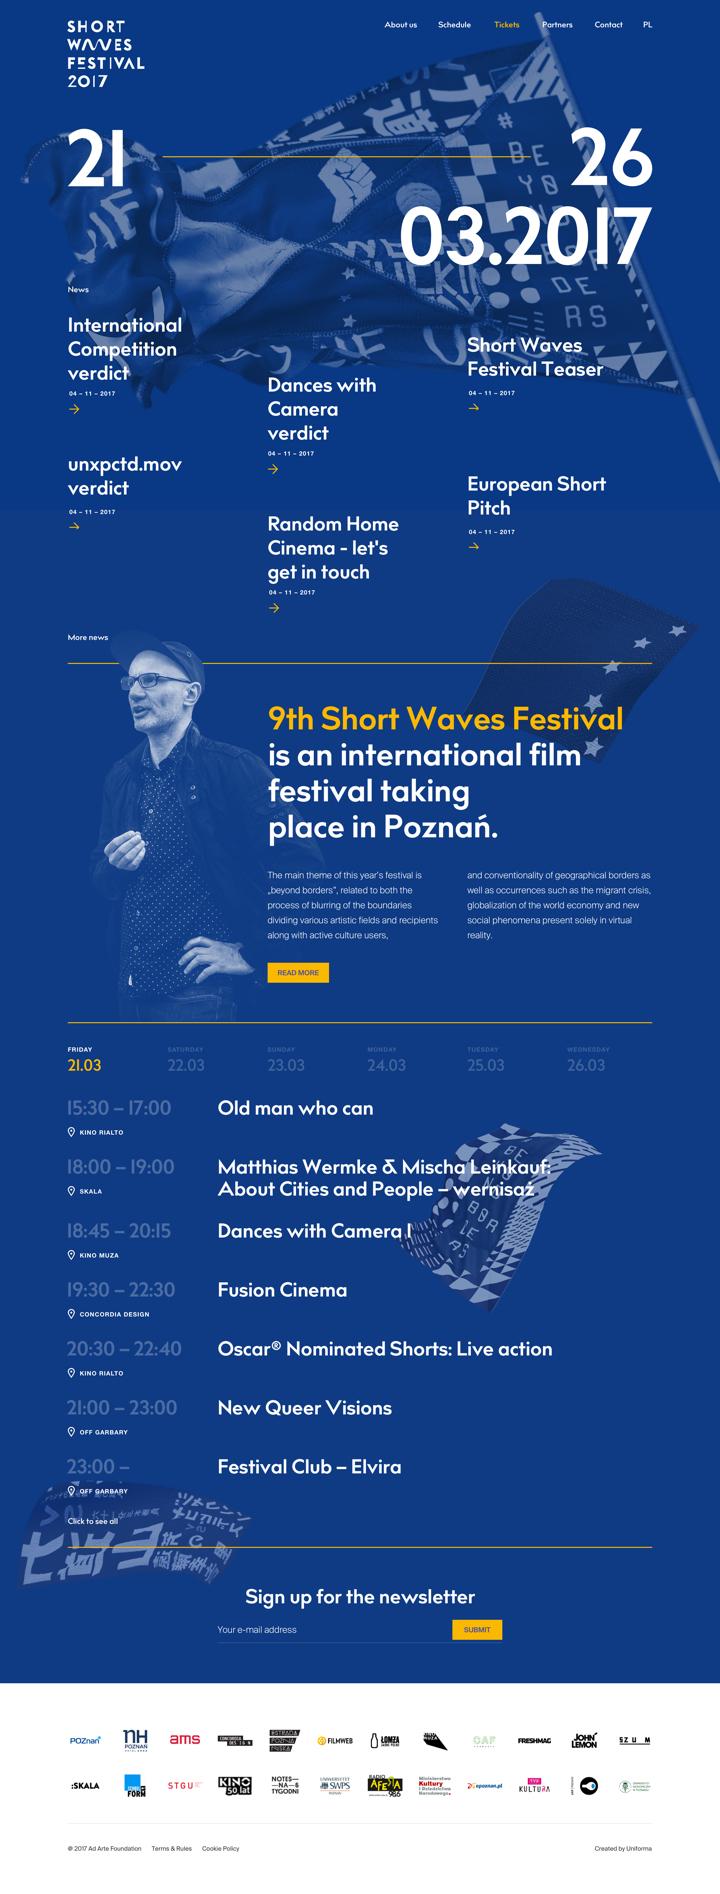 Shortwaves Festival by Maciej Mach - UI/UX designer / Poland / Poznań